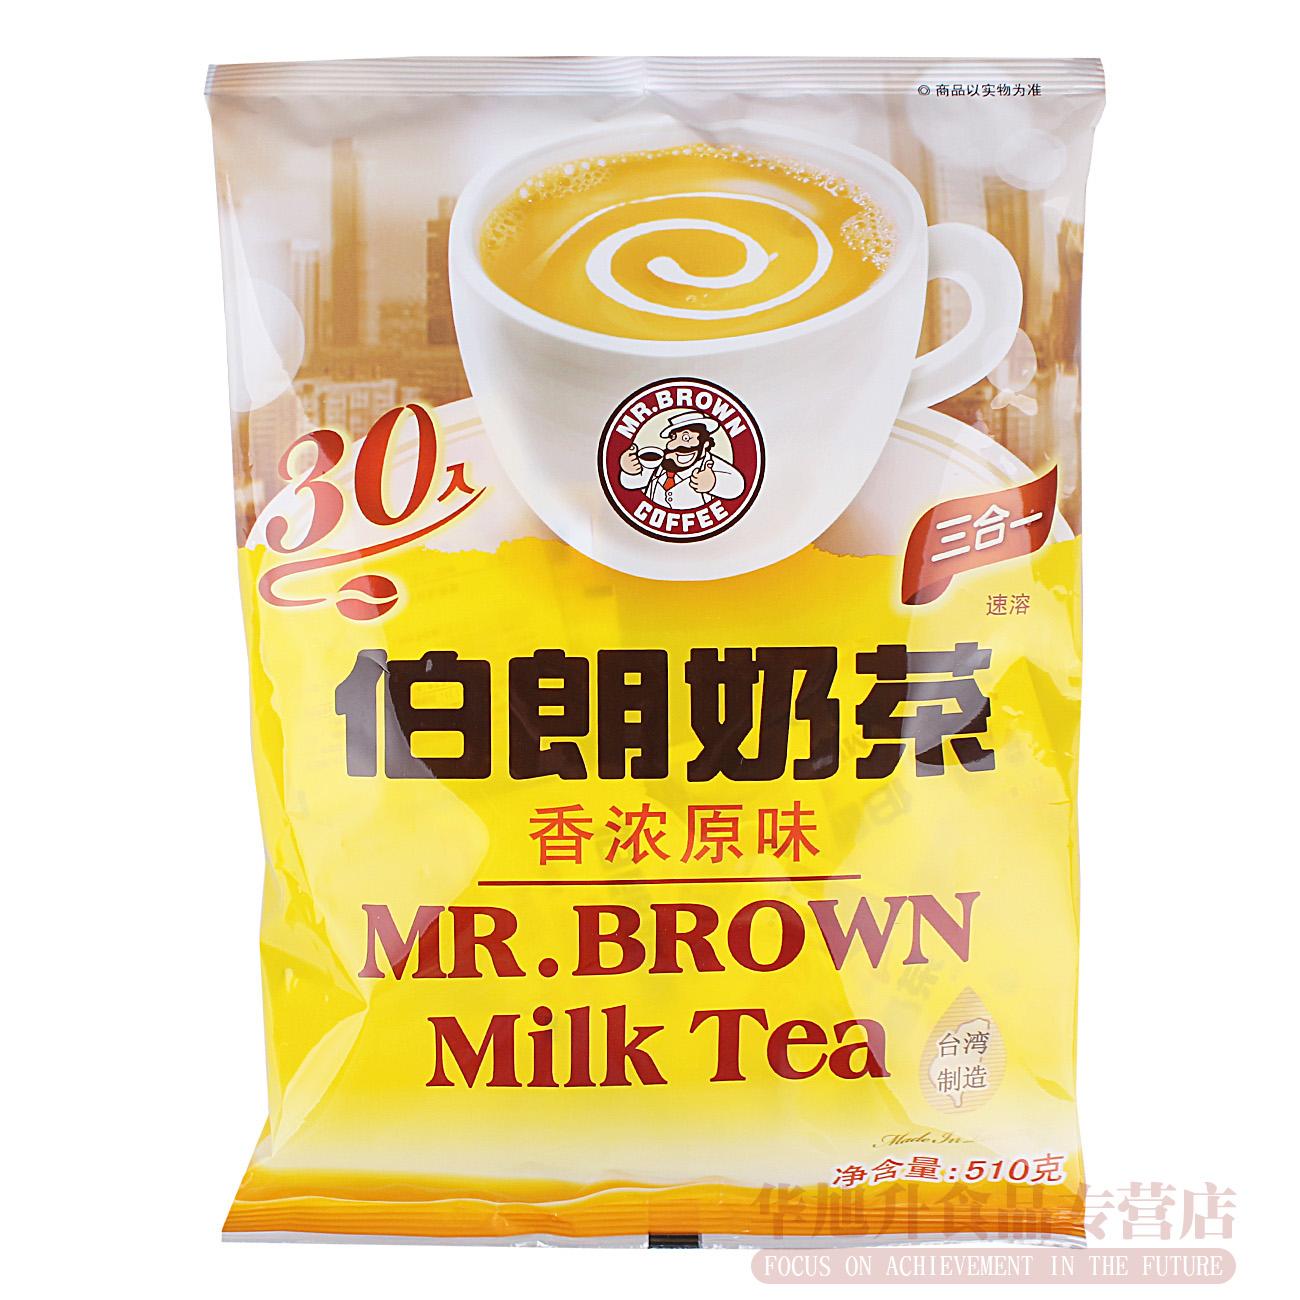 台湾进口食品冲饮品伯朗3合1香浓原味奶茶510g 多省包邮